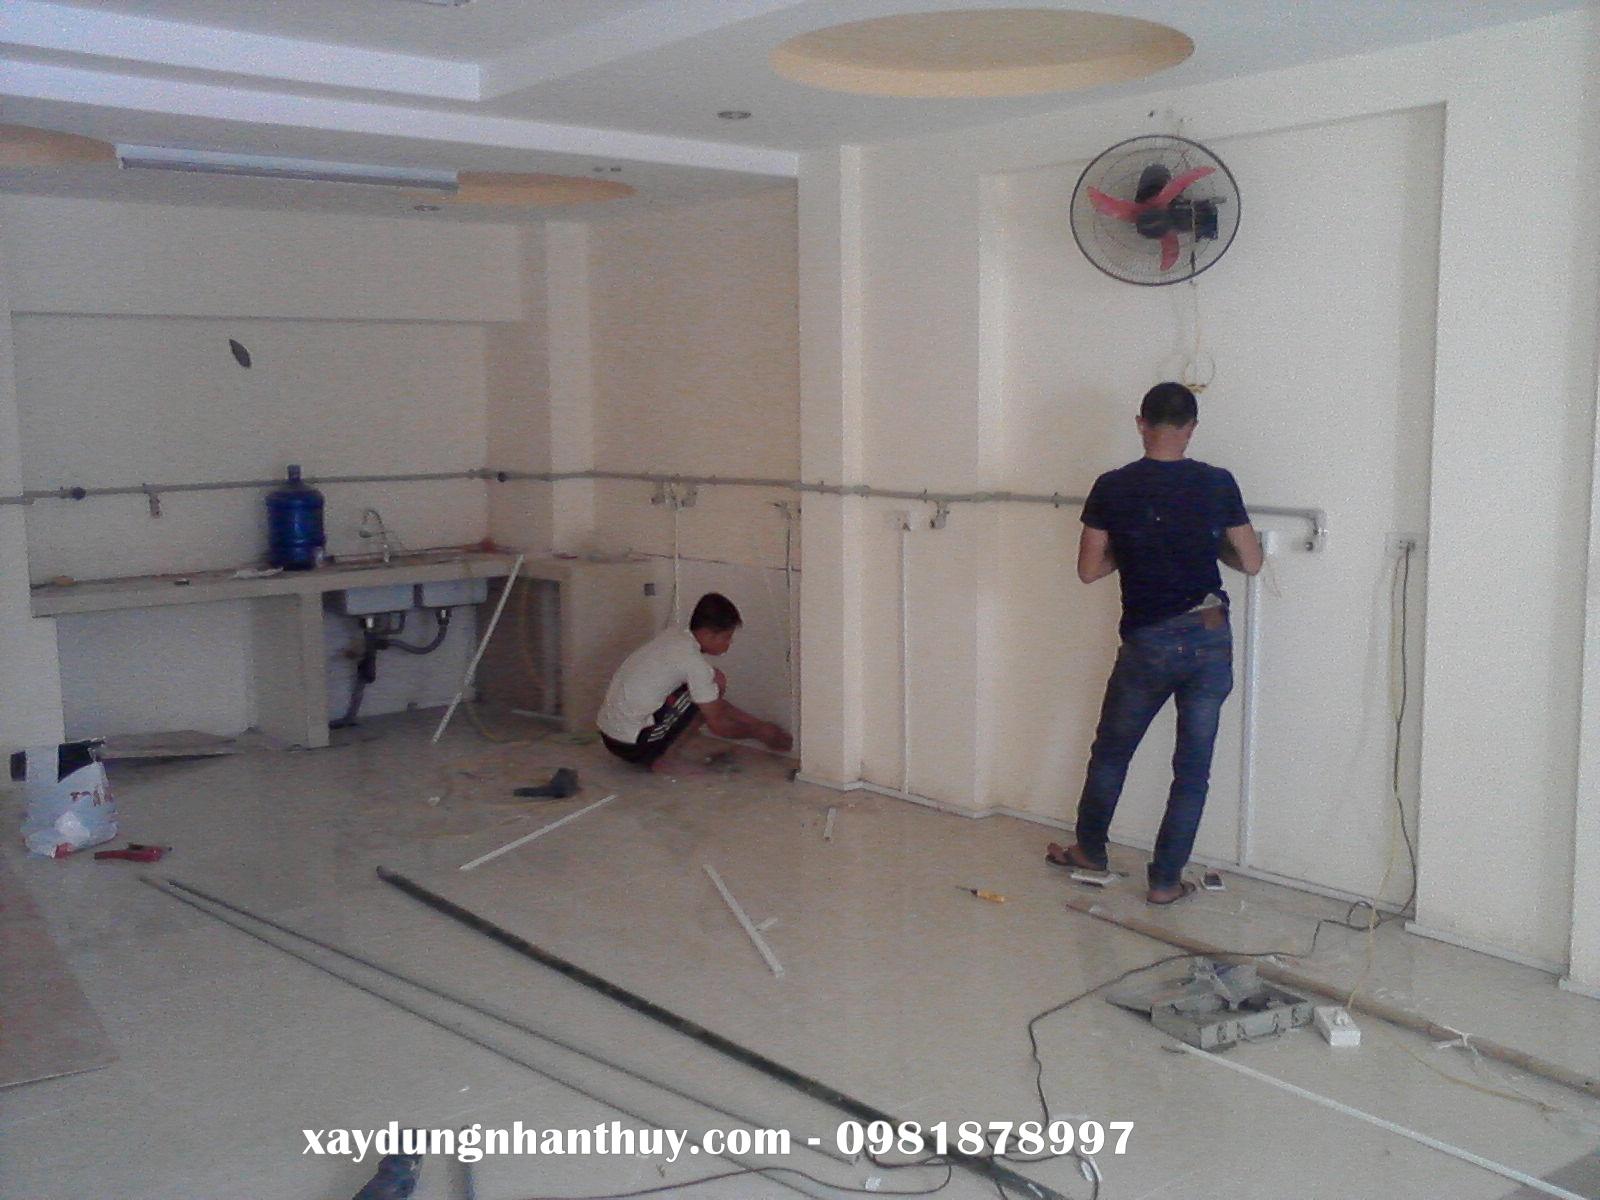 sửa ống nước tại quận 3